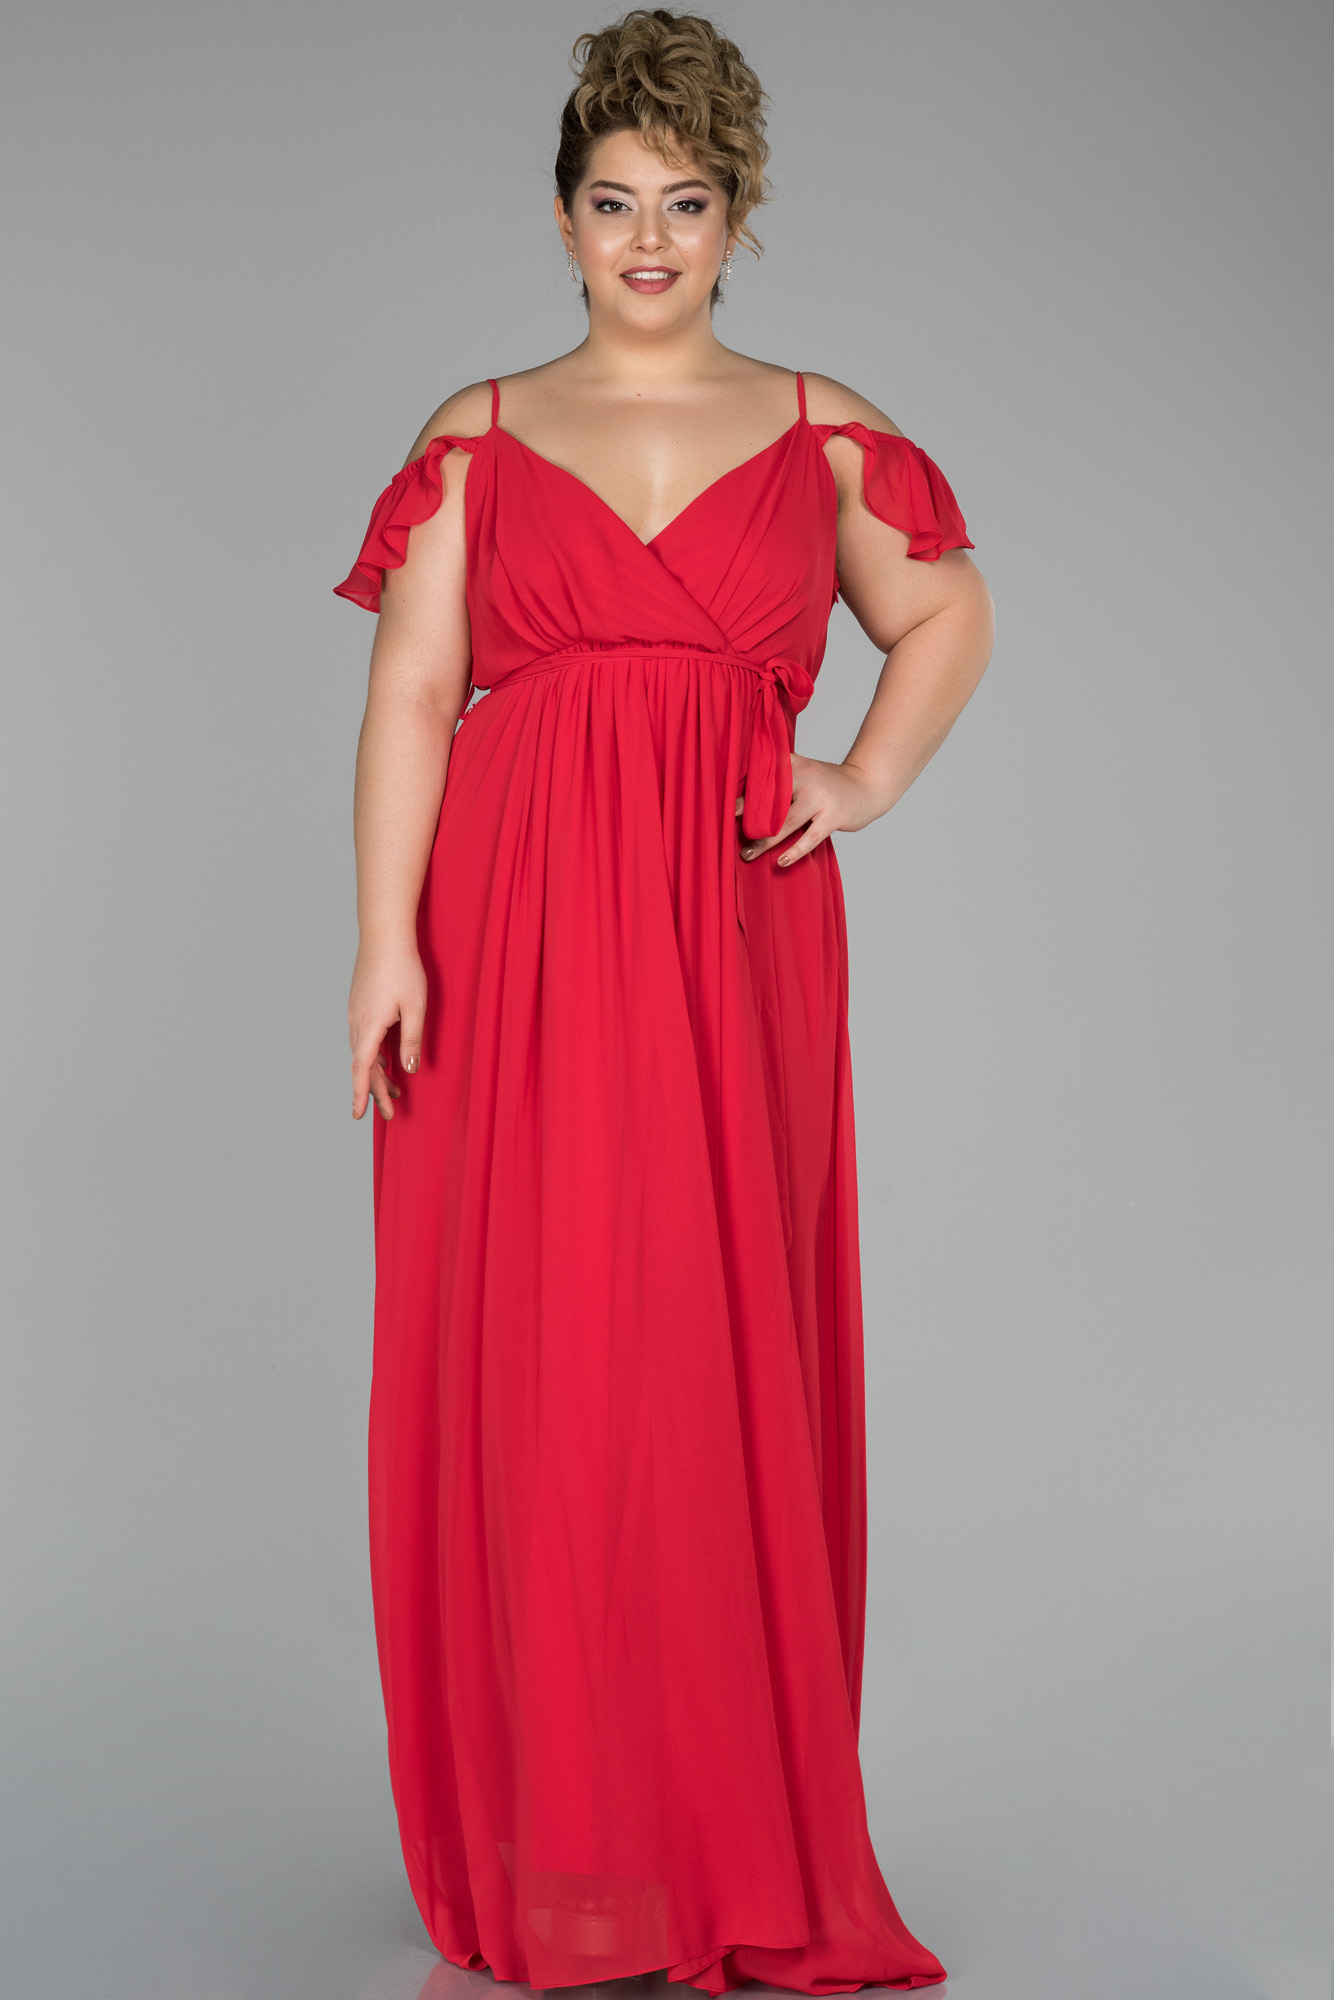 Kırmızı Uzun Kolları Volanlı Büyük Beden Hamile Abiye Elbise